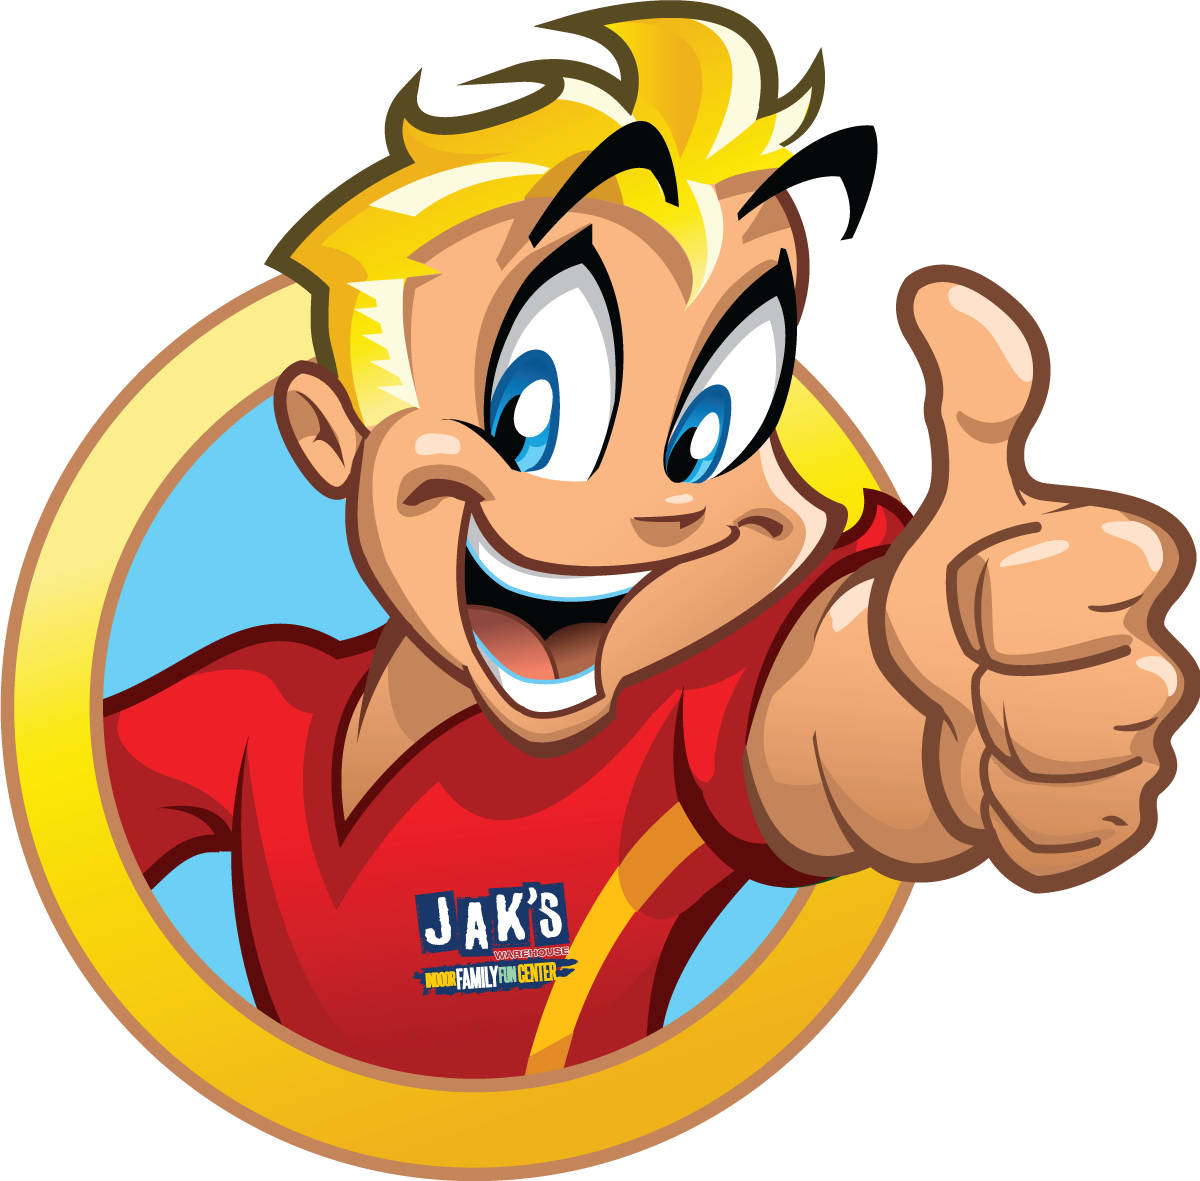 jaks-character